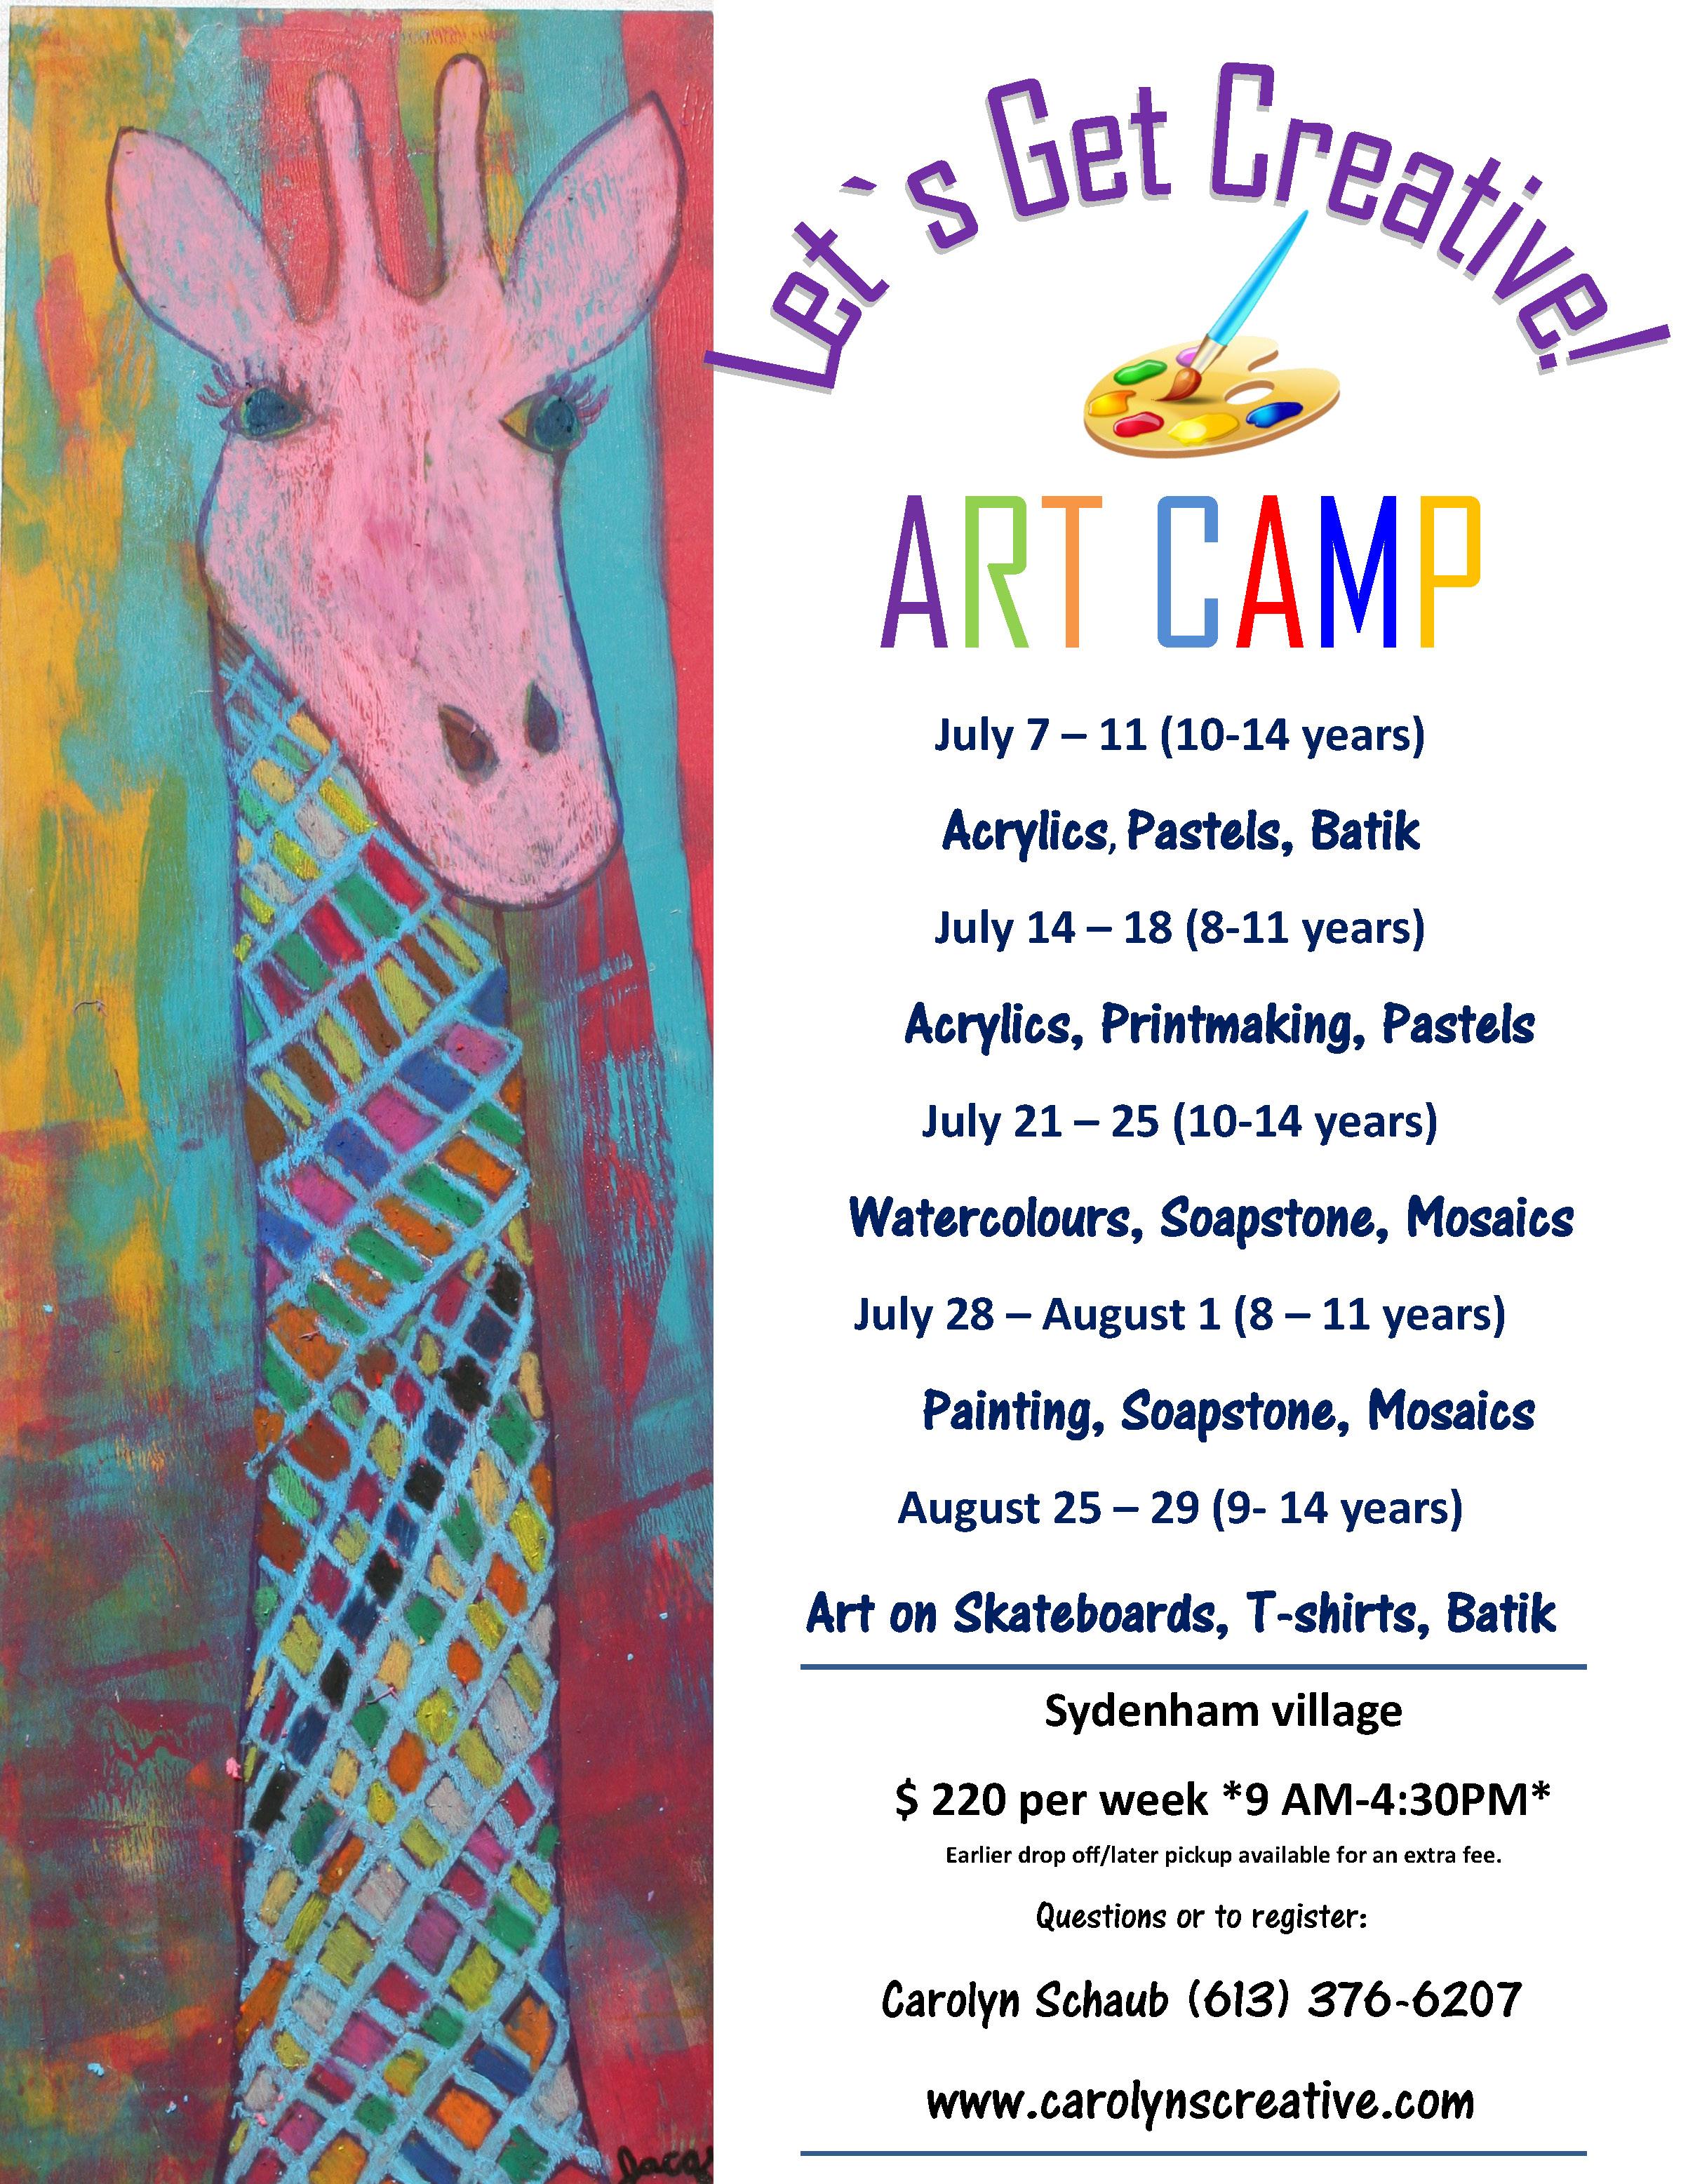 Art Camp Poster 1_3May14